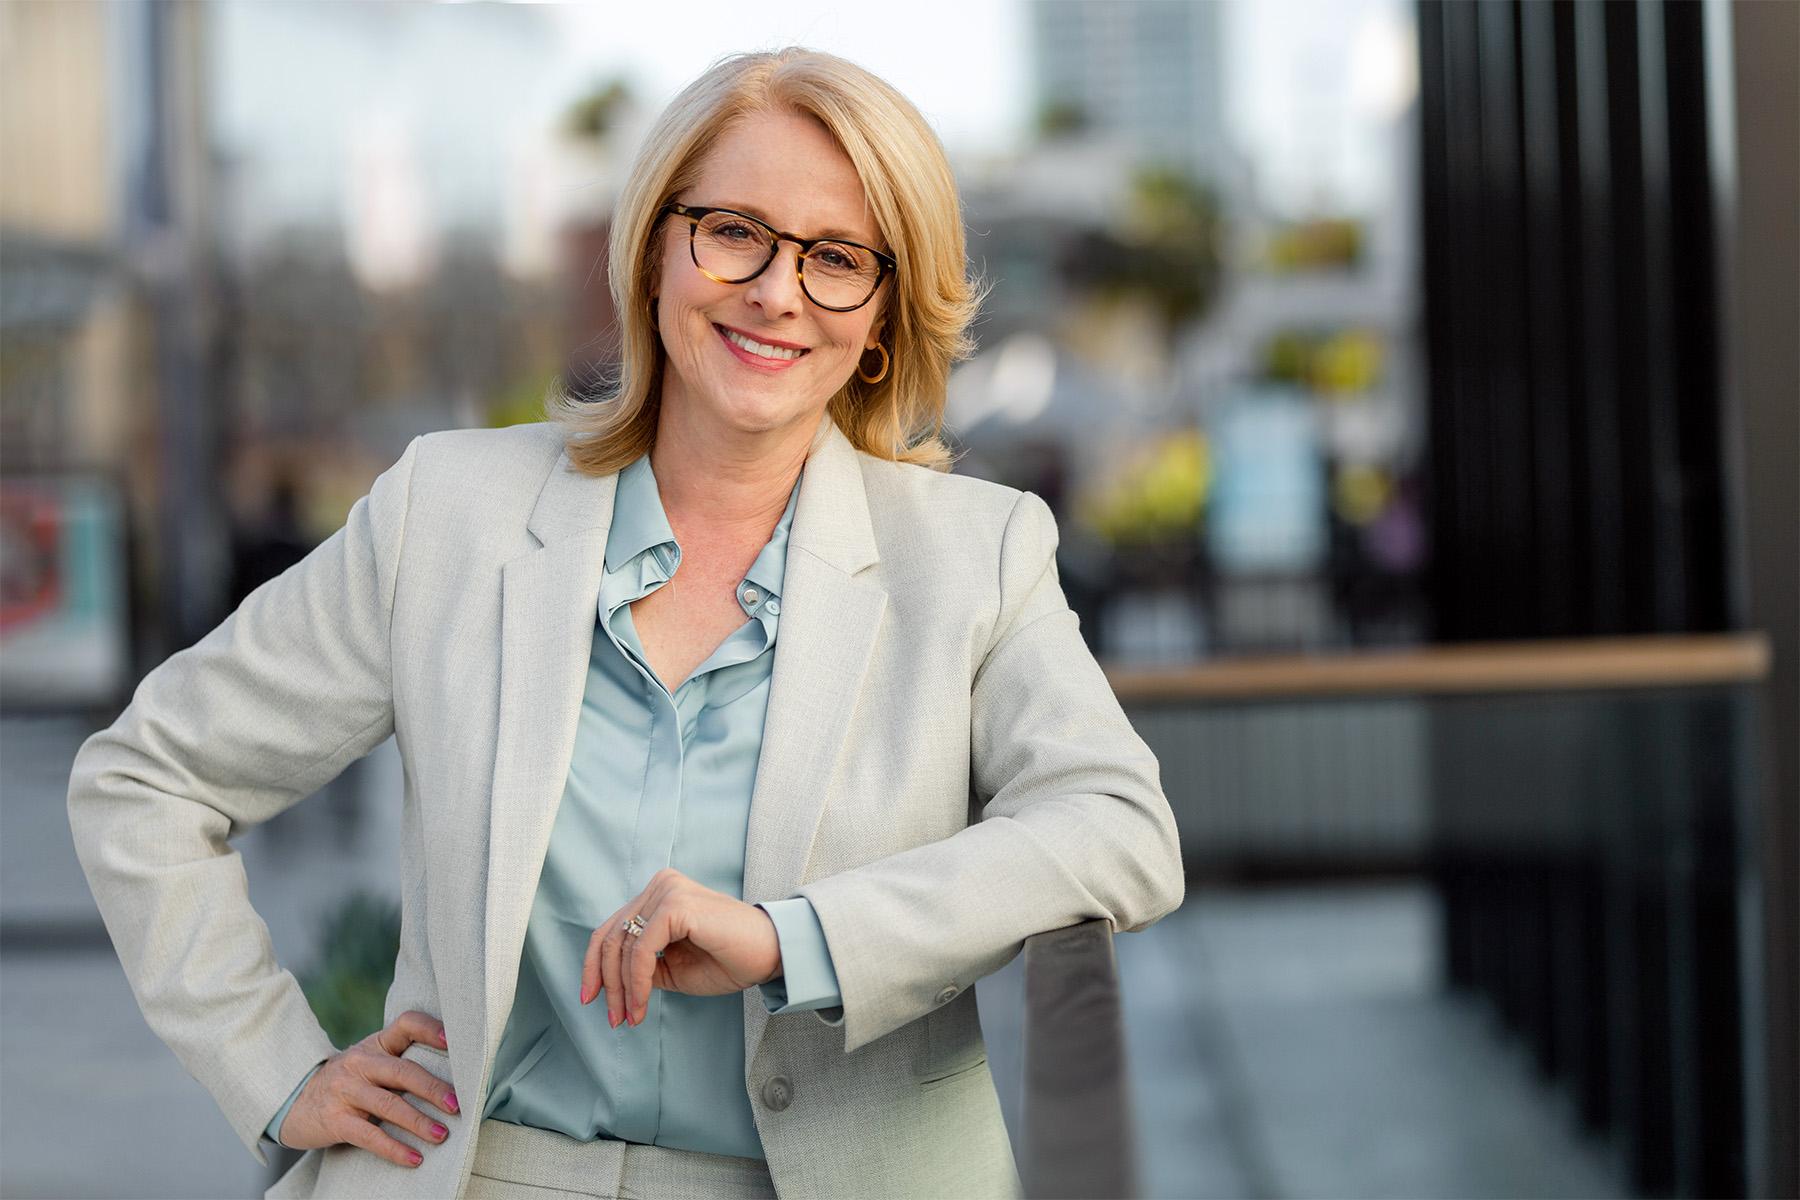 6 Tipps wie Sie gut aussehen auf einem Business Portrait